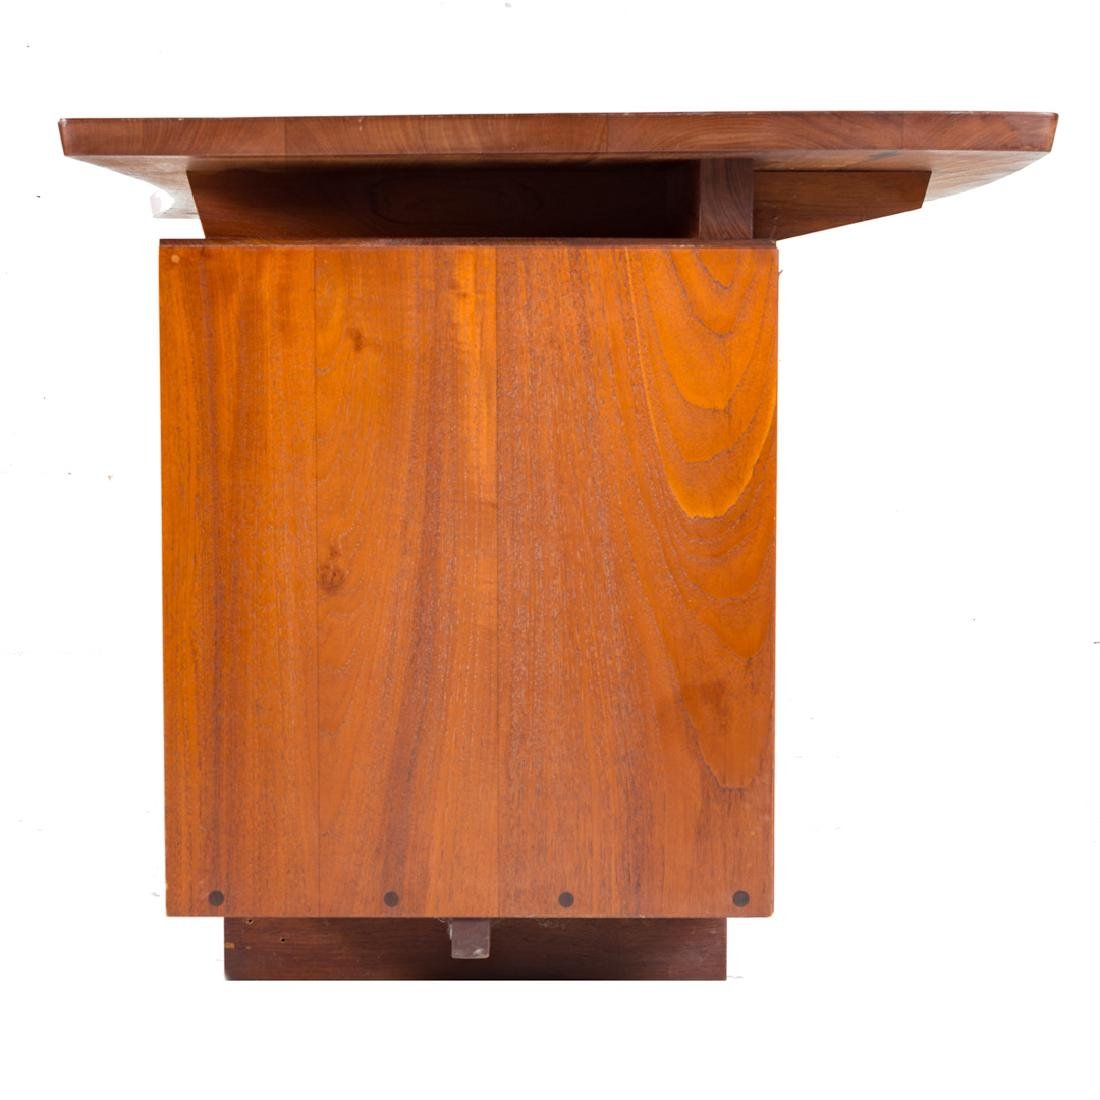 George Nakashima Double Pedestal Desk - 5